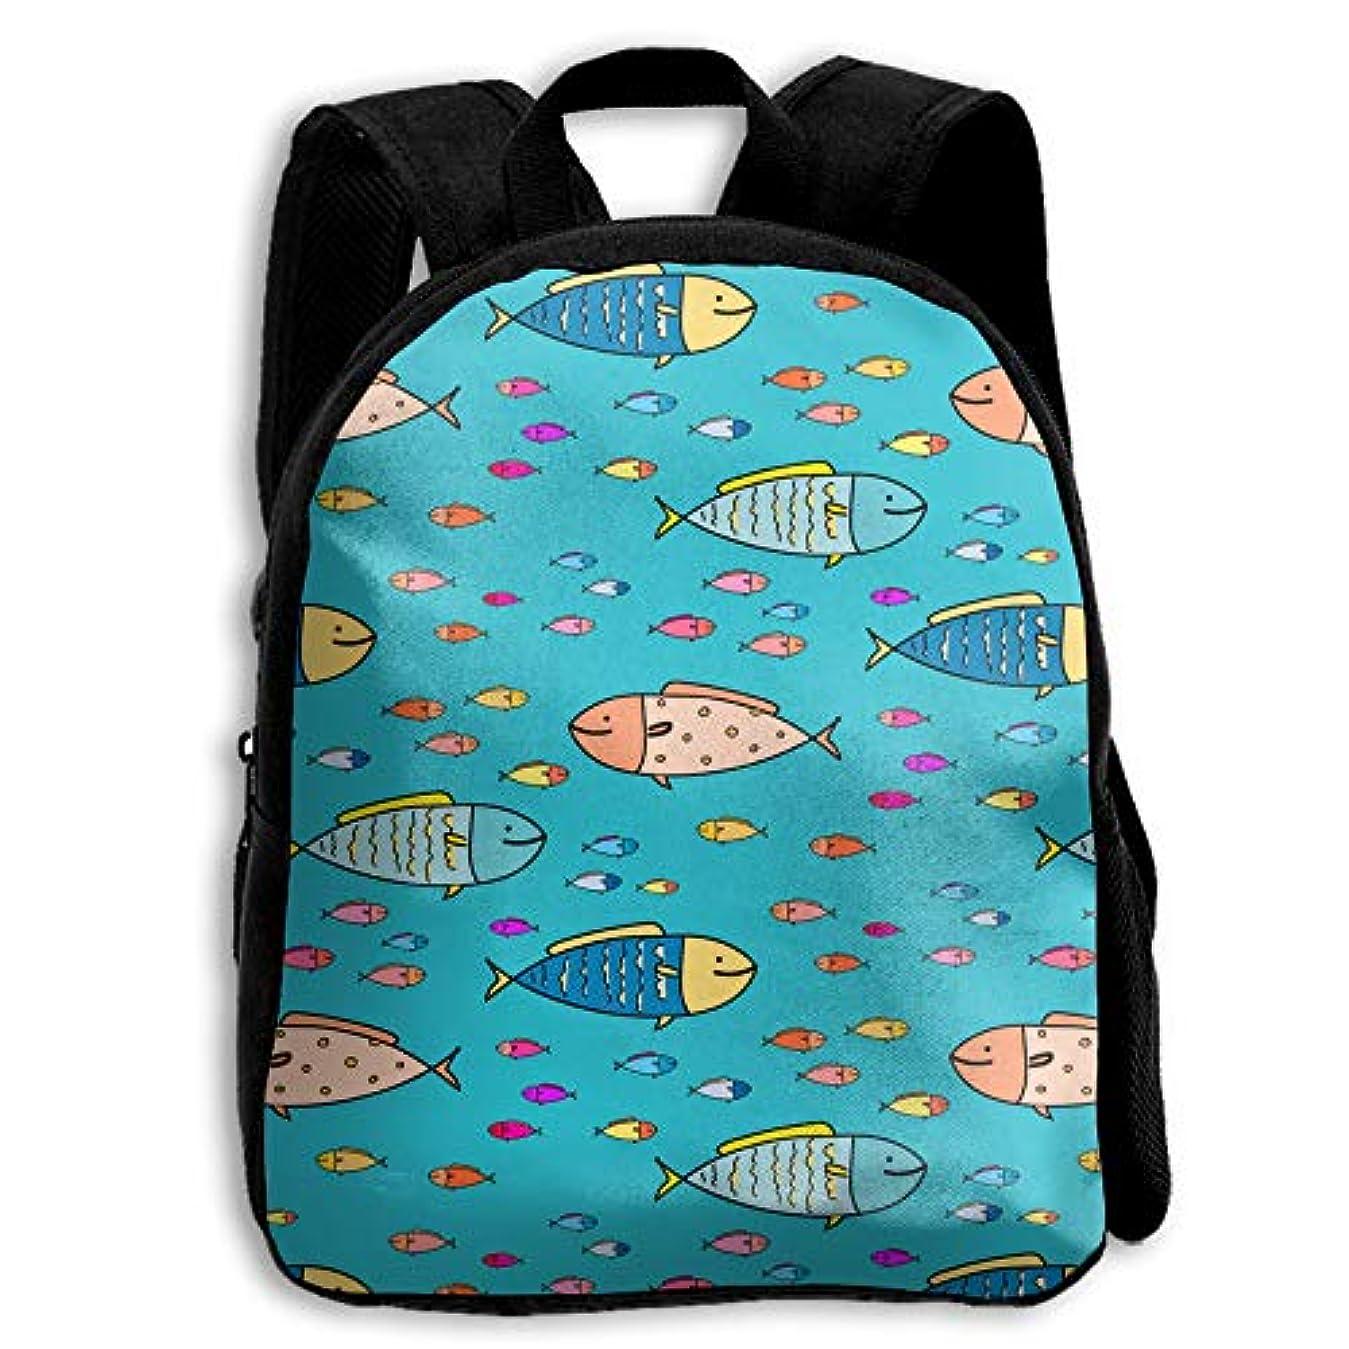 変な悪質なビタミンキッズ リュックサック バックパック キッズバッグ 子供用のバッグ キッズリュック 学生 かわいい 魚柄 動物柄 アウトドア 通学 ハイキング 遠足